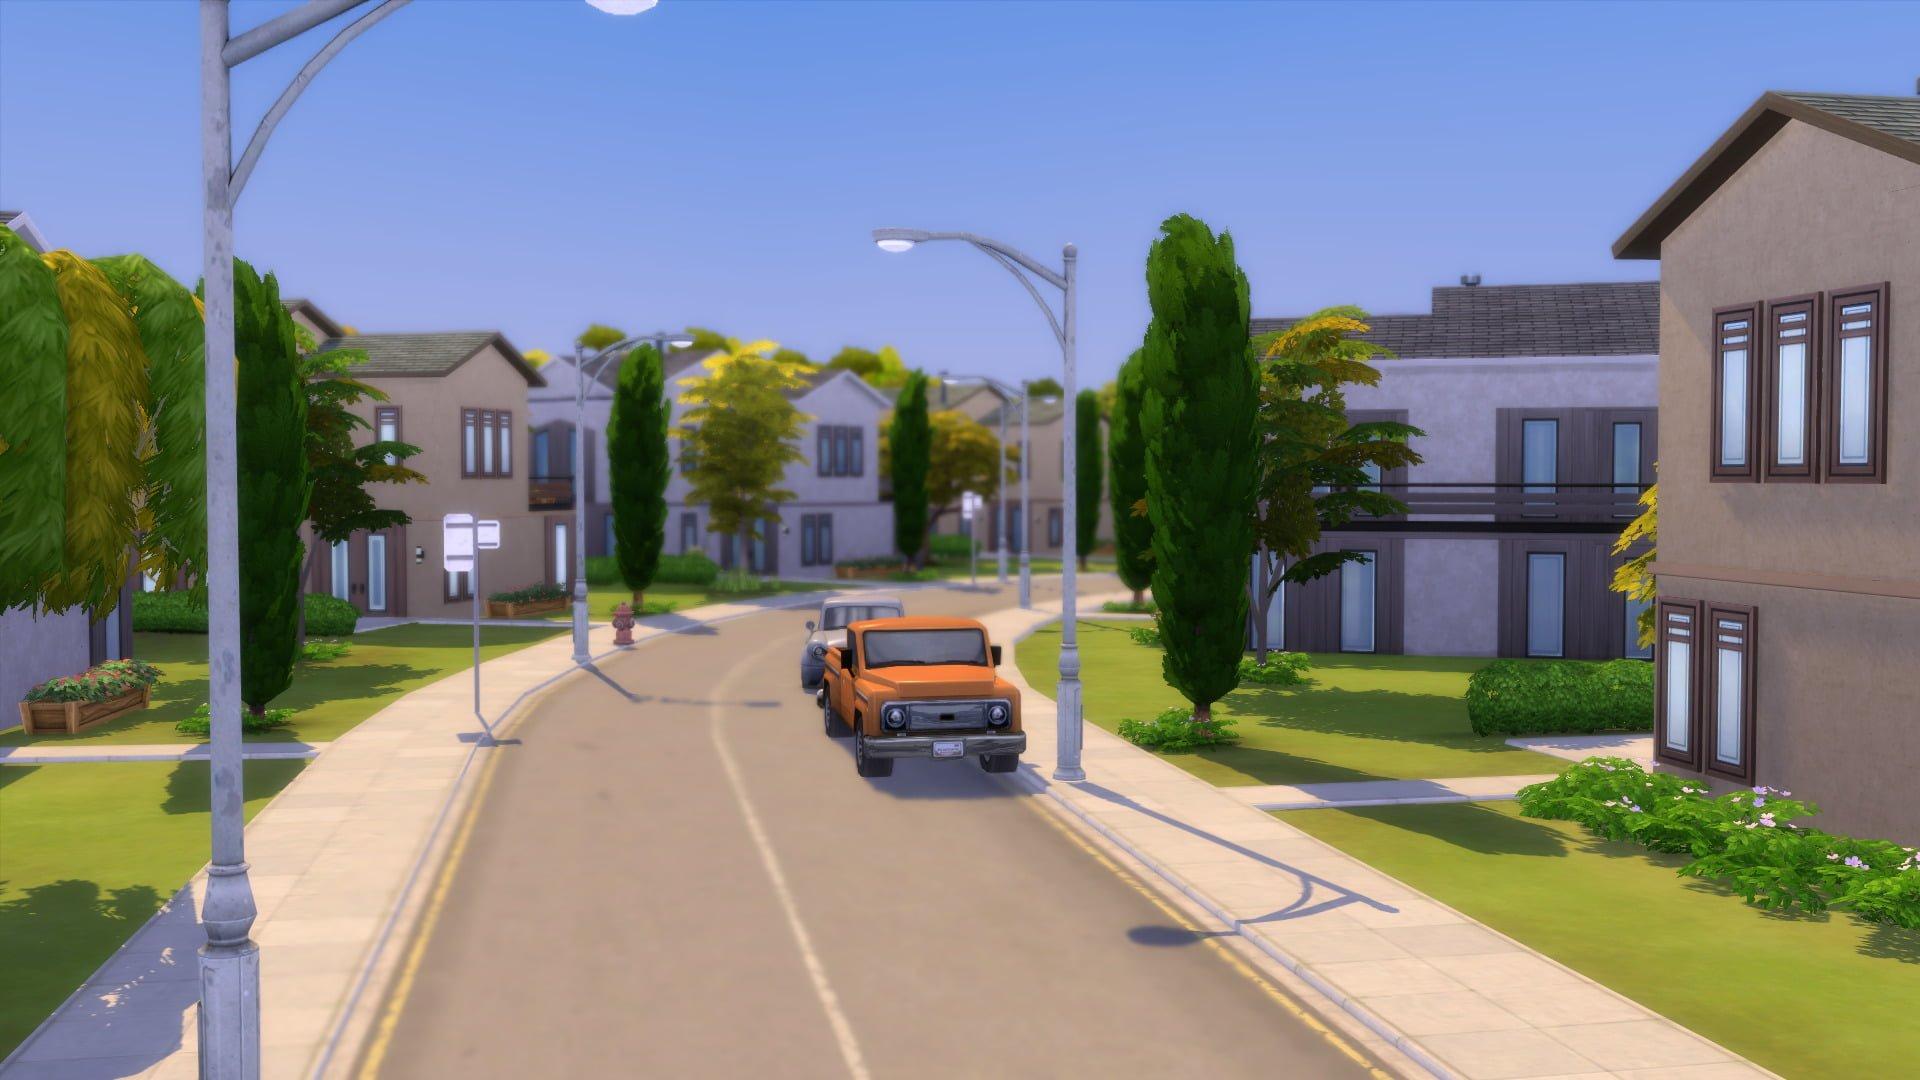 Les diplômes et les métiers dans Les Sims 4 À la Fac